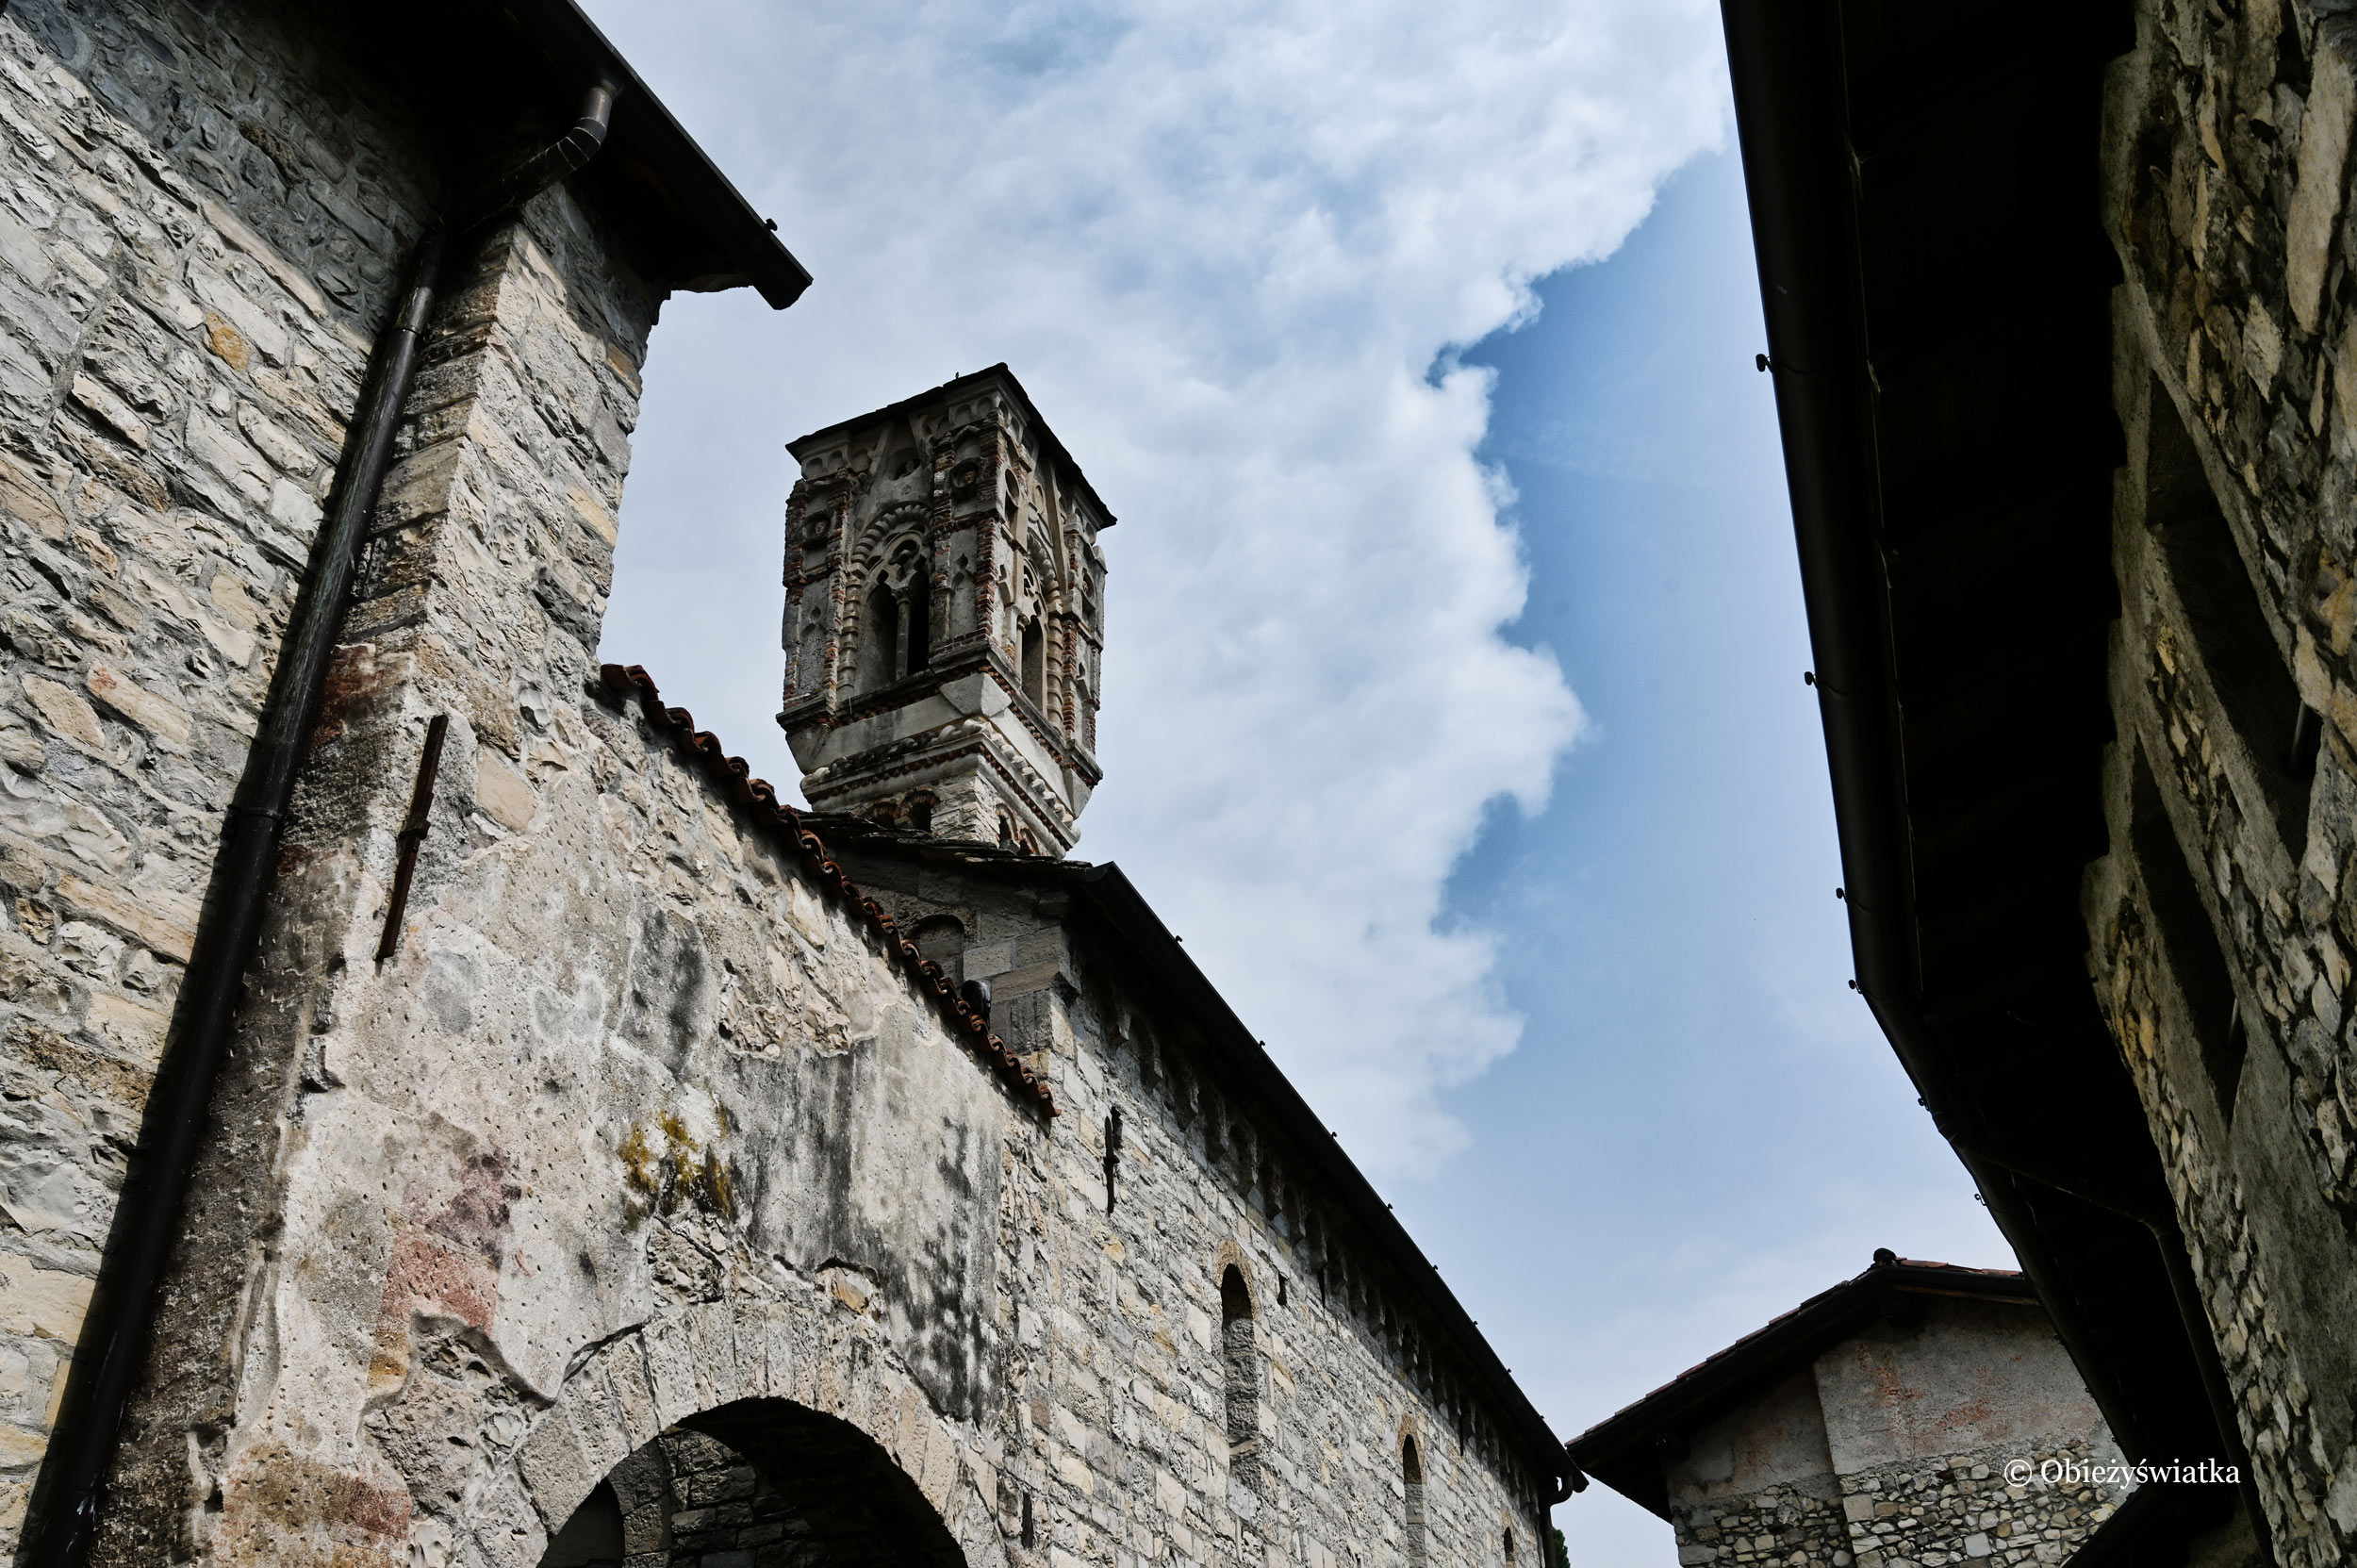 Romański kościółek Marii Magdaleny nad brzegiem Lago di Como, Włochy